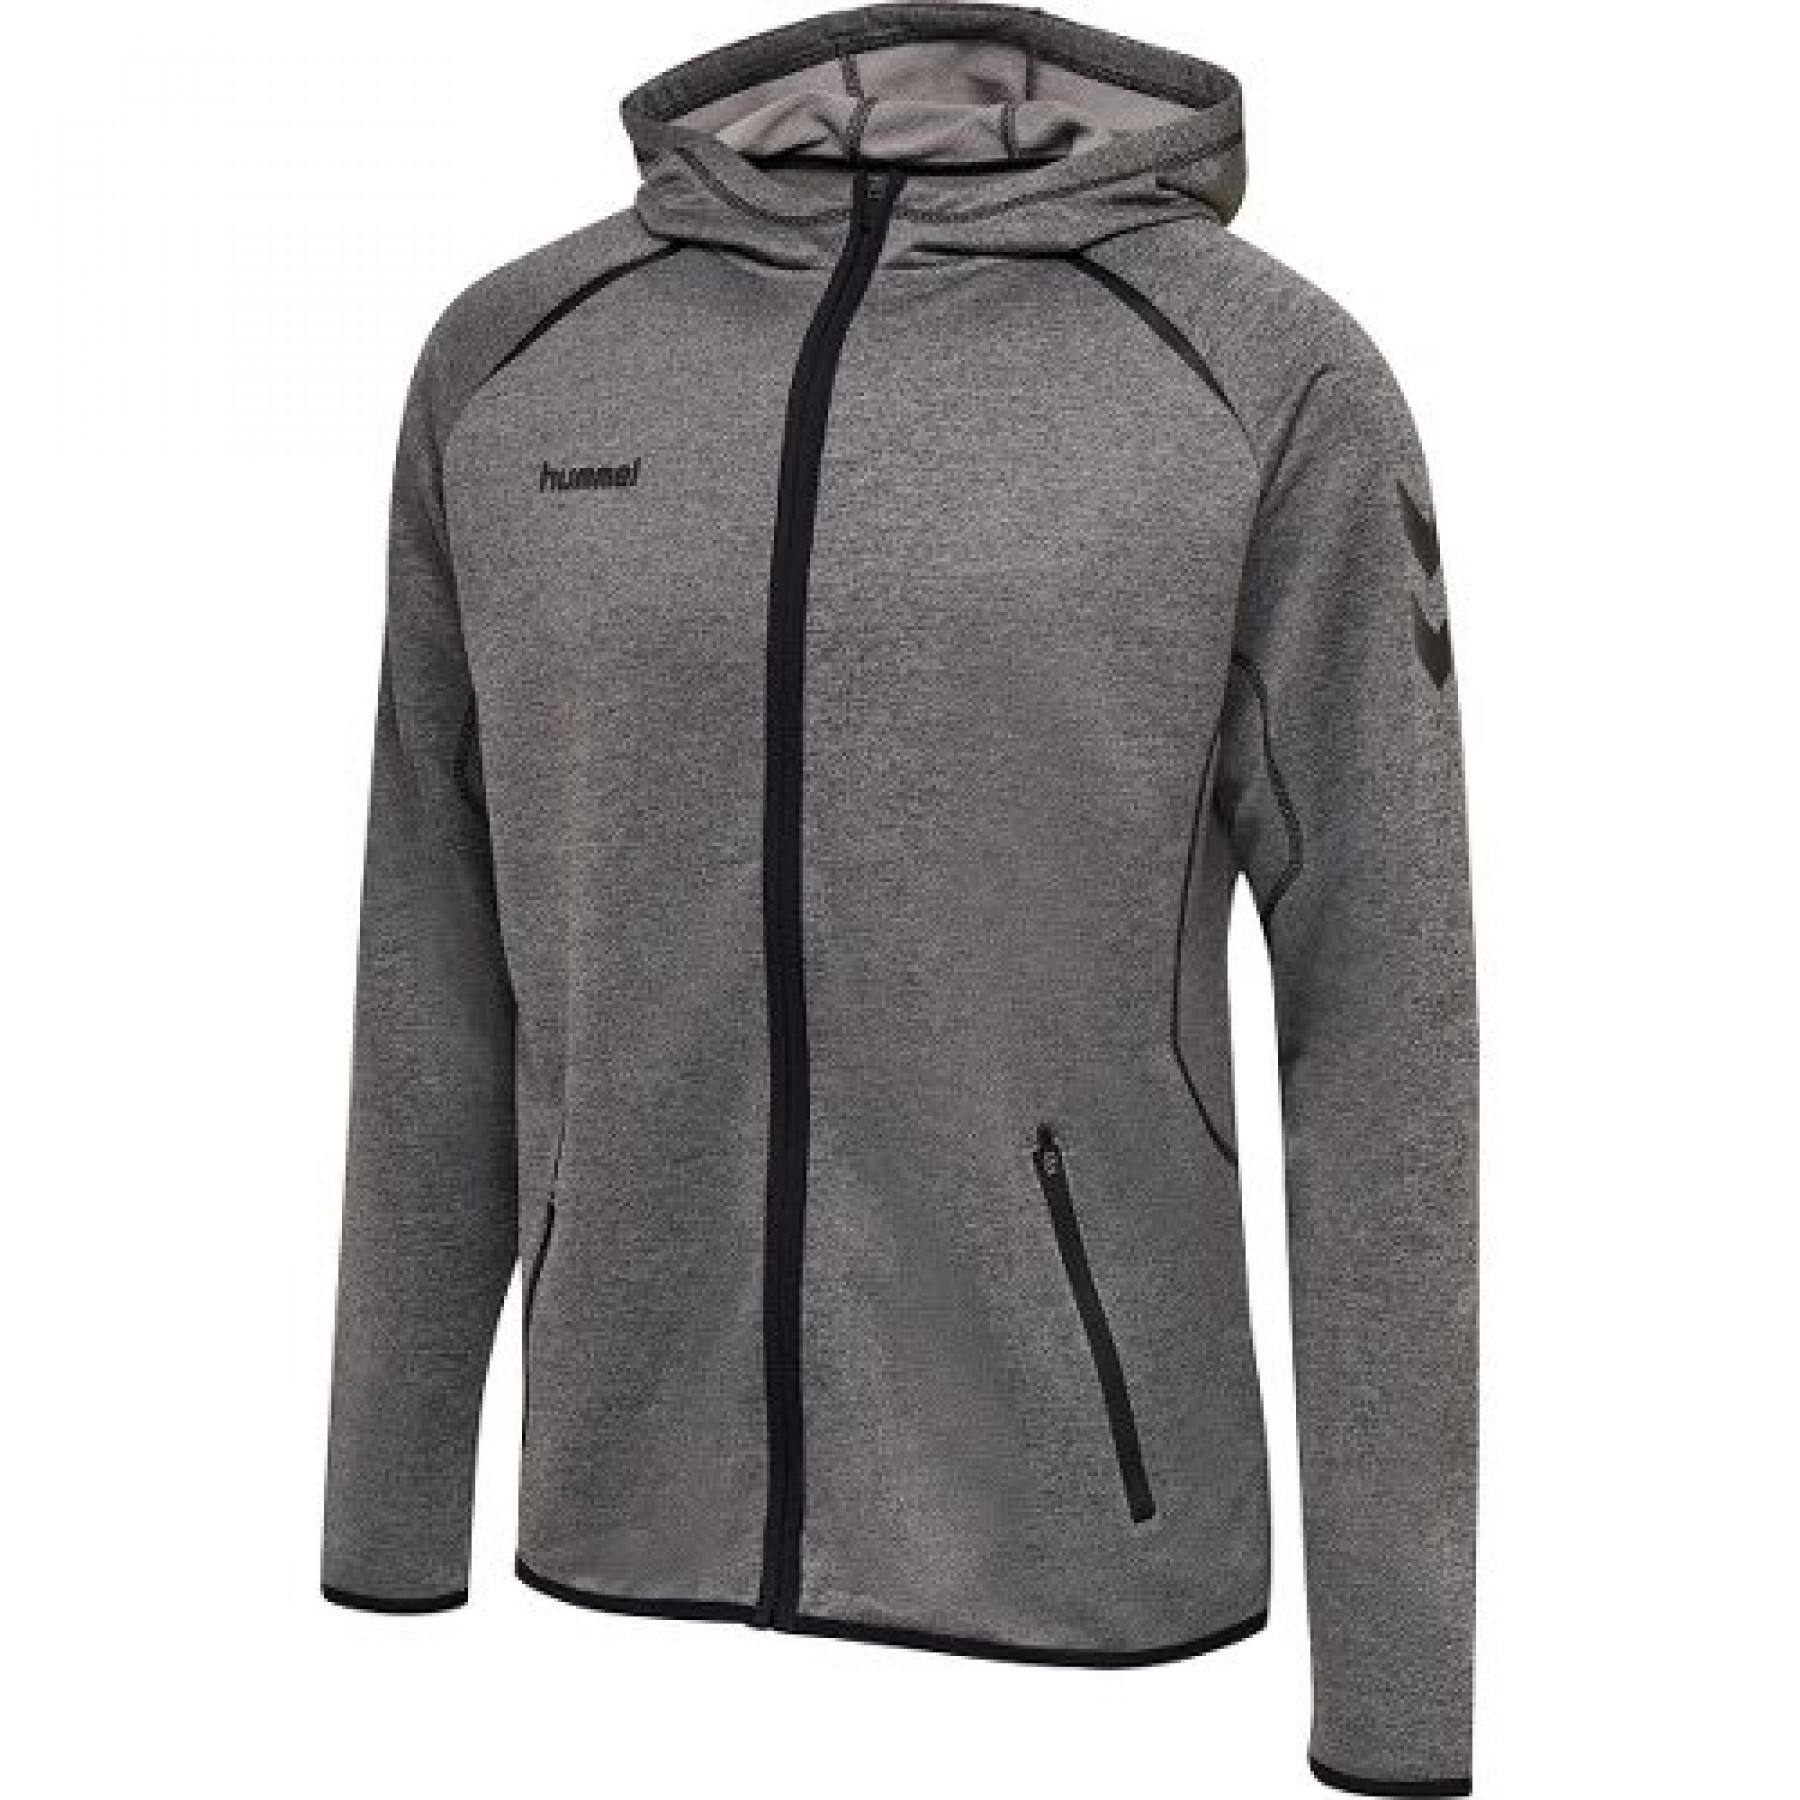 Zip Sweatshirt Hummel Authentic Pro